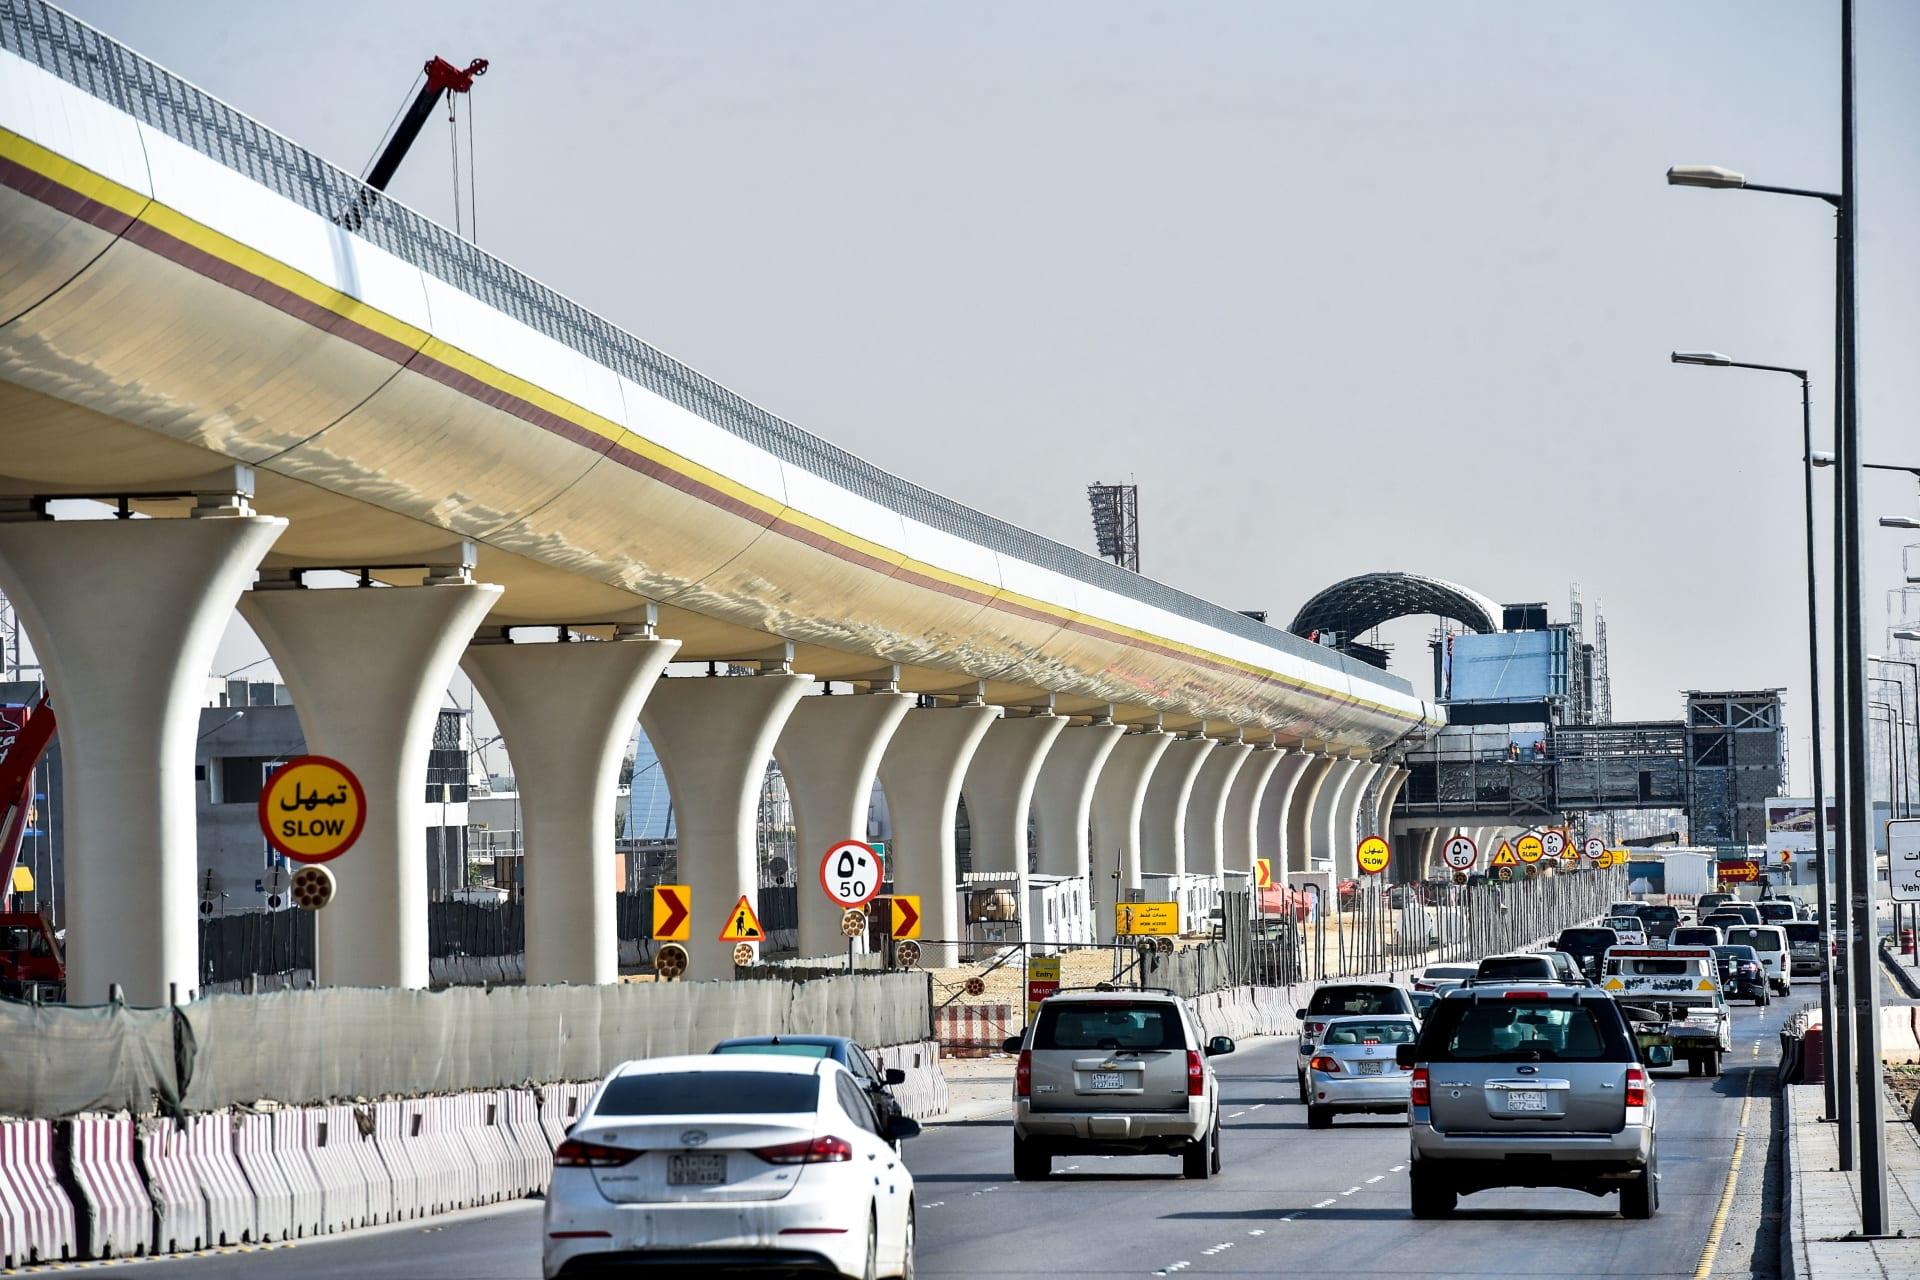 صورة تعبيرية للعاصمة السعودية الرياض